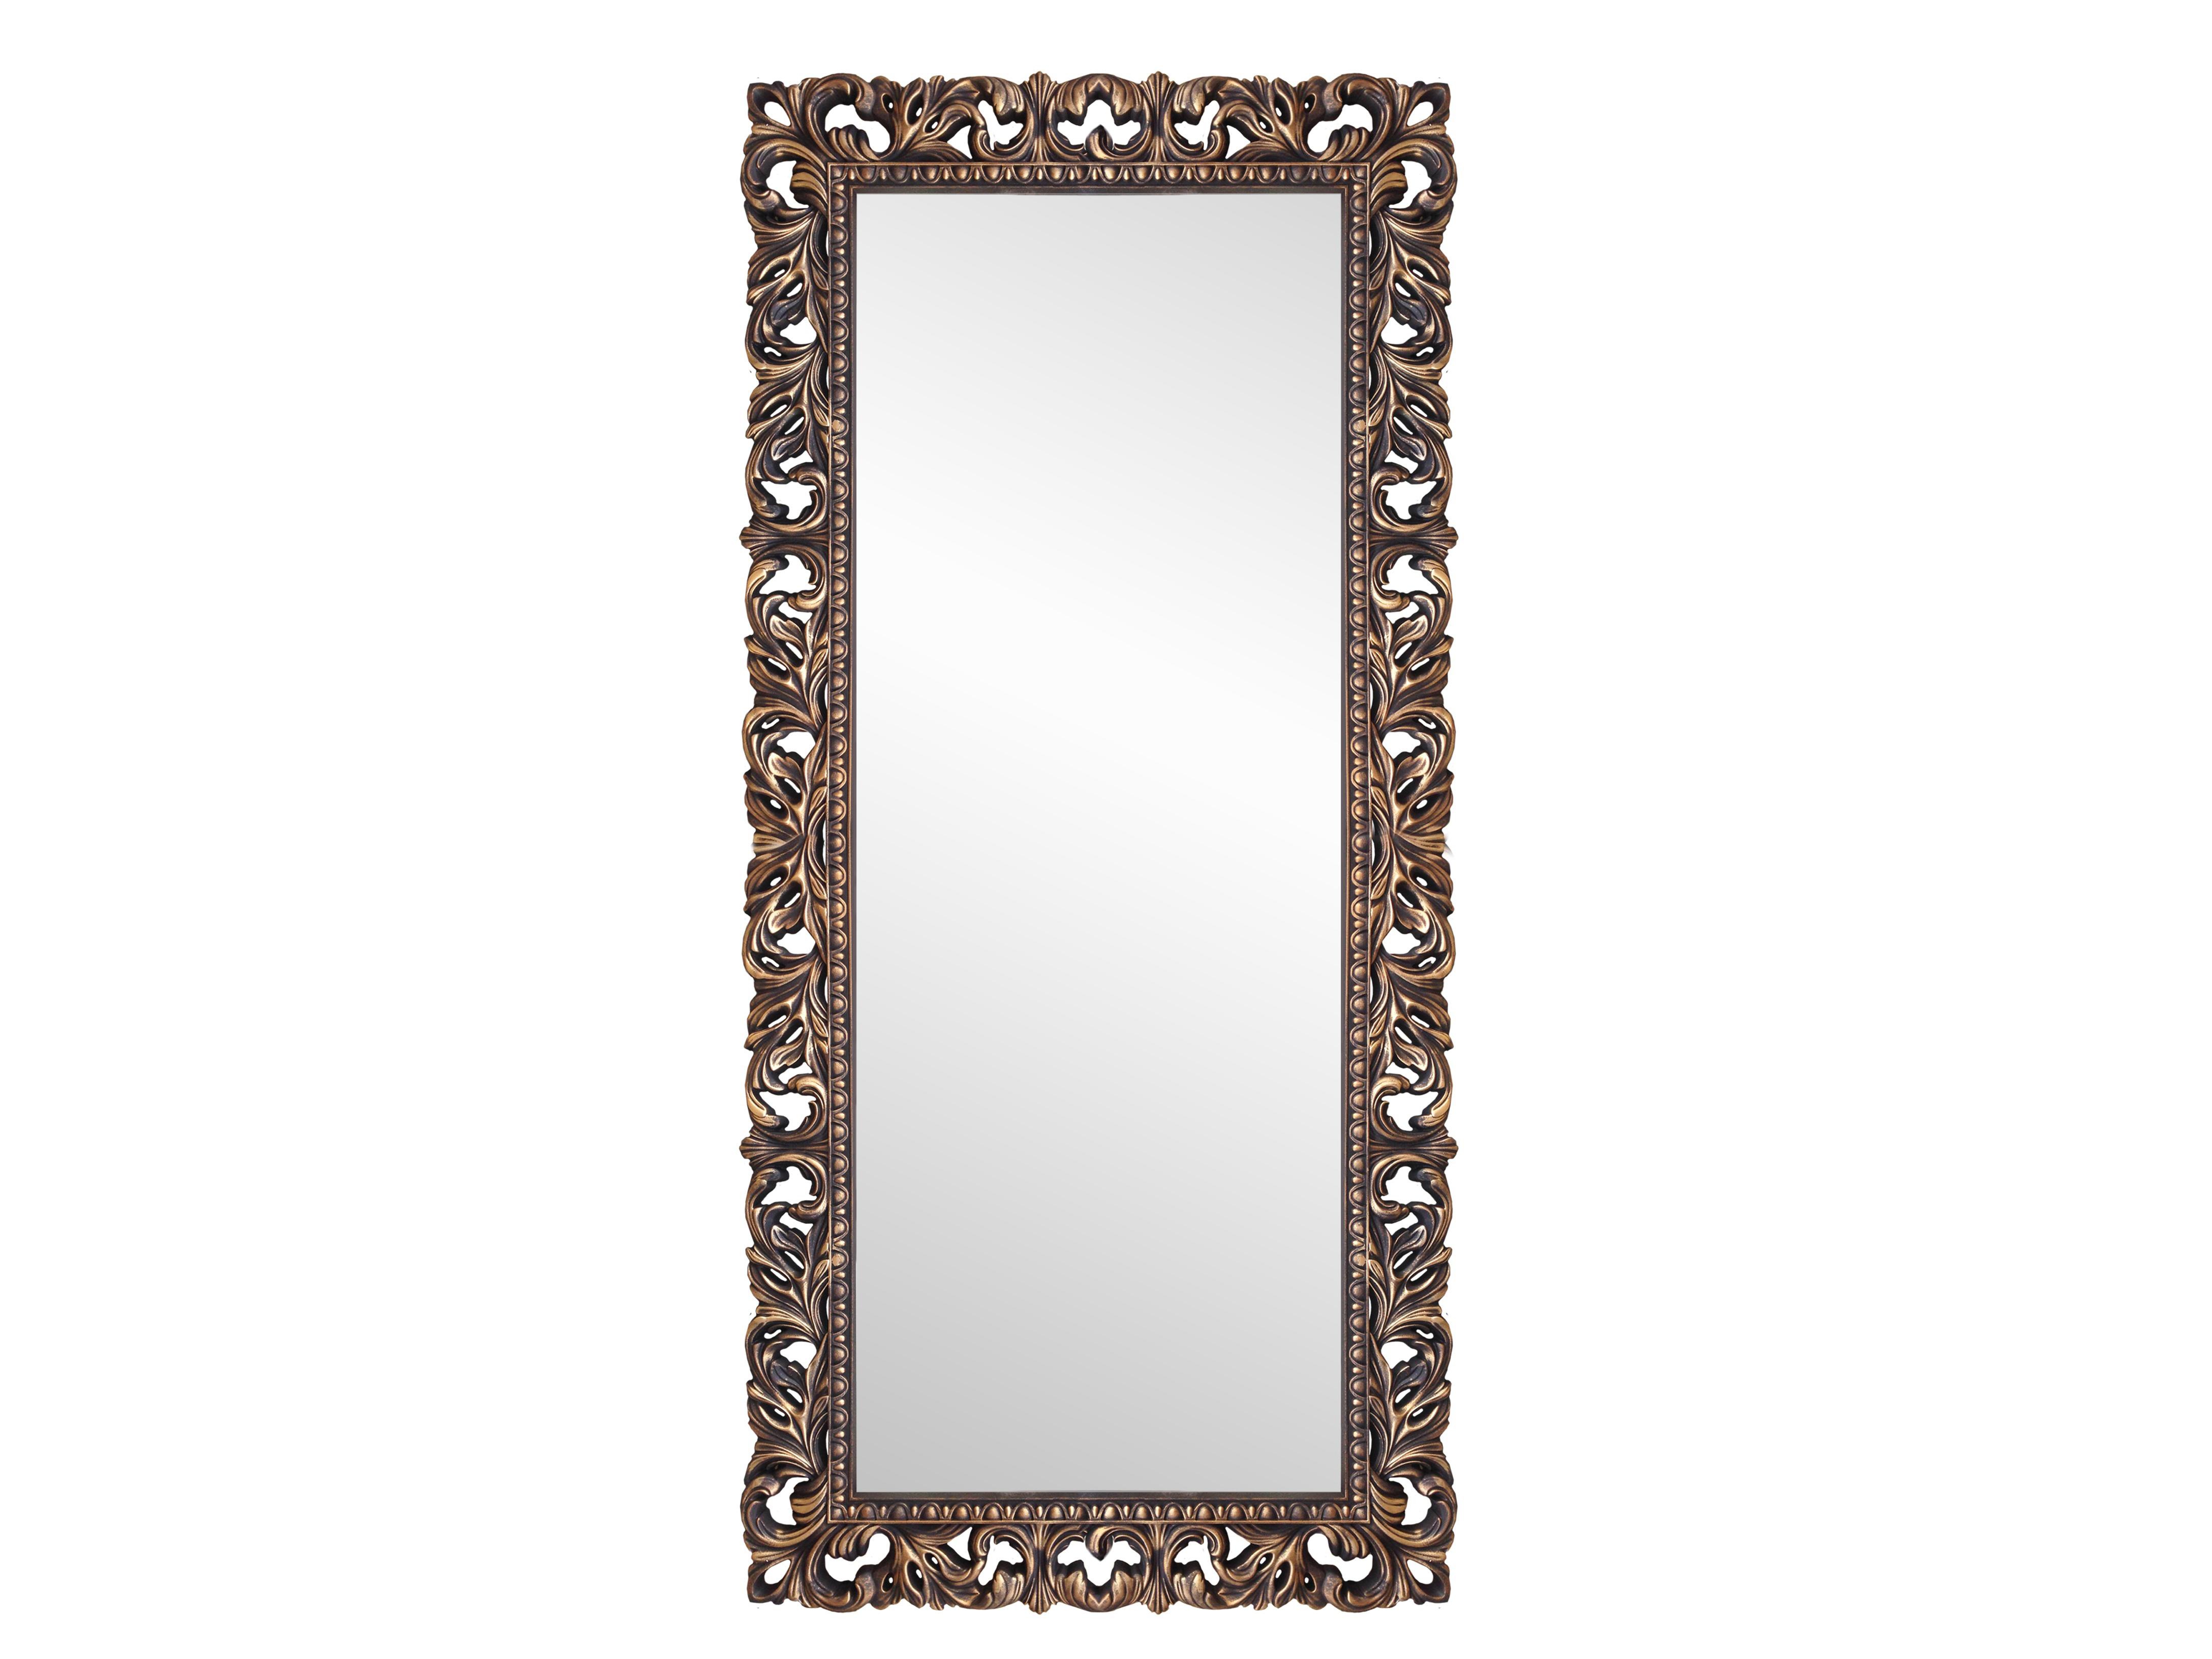 Напольное Итальянское ЗеркалоНапольные зеркала<br>&amp;lt;div&amp;gt;&amp;lt;div&amp;gt;Это напольное зеркало &amp;quot;во весь рост&amp;quot; выдержано в элегантном итальянском стиле. Искусная резьба выполнена по композитному полиуретану ? современному материалу, который взял лучшее от традиционного, но более дорогого дерева: экологичность, износостойкость, твердость. Кроме того, ППУ не требует специфического ухода и не боится влаги, раму достаточно протереть влажной губкой.&amp;lt;/div&amp;gt;&amp;lt;/div&amp;gt;&amp;lt;div&amp;gt;&amp;lt;br&amp;gt;&amp;lt;/div&amp;gt;&amp;lt;div&amp;gt;Цвет:&amp;amp;nbsp;Венге Золото&amp;lt;/div&amp;gt;<br><br>Material: Полиуретан<br>Ширина см: 90<br>Высота см: 190<br>Глубина см: 4